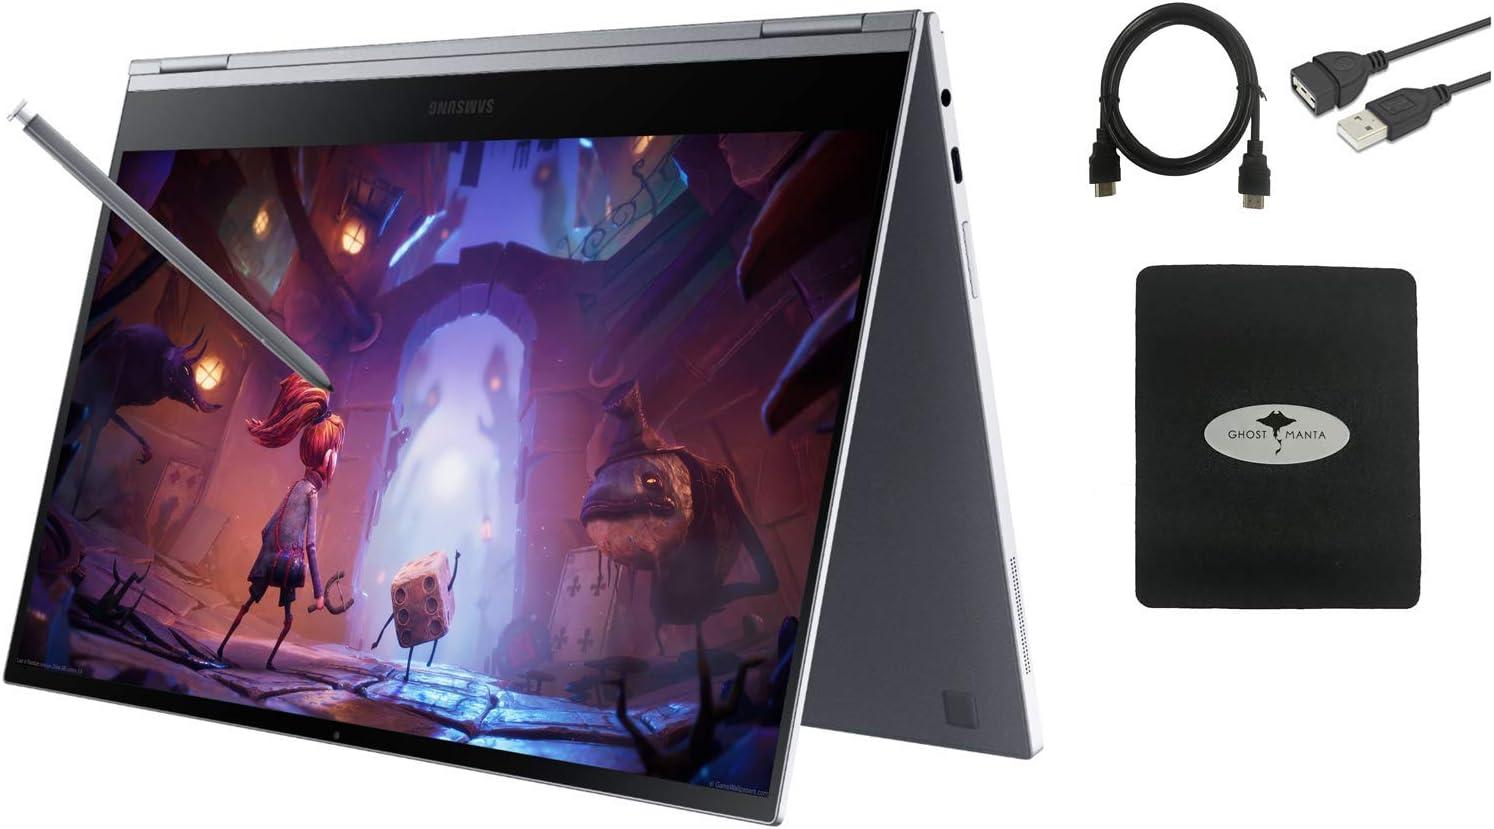 2020 Samsung Galaxy Chromebook 13.3